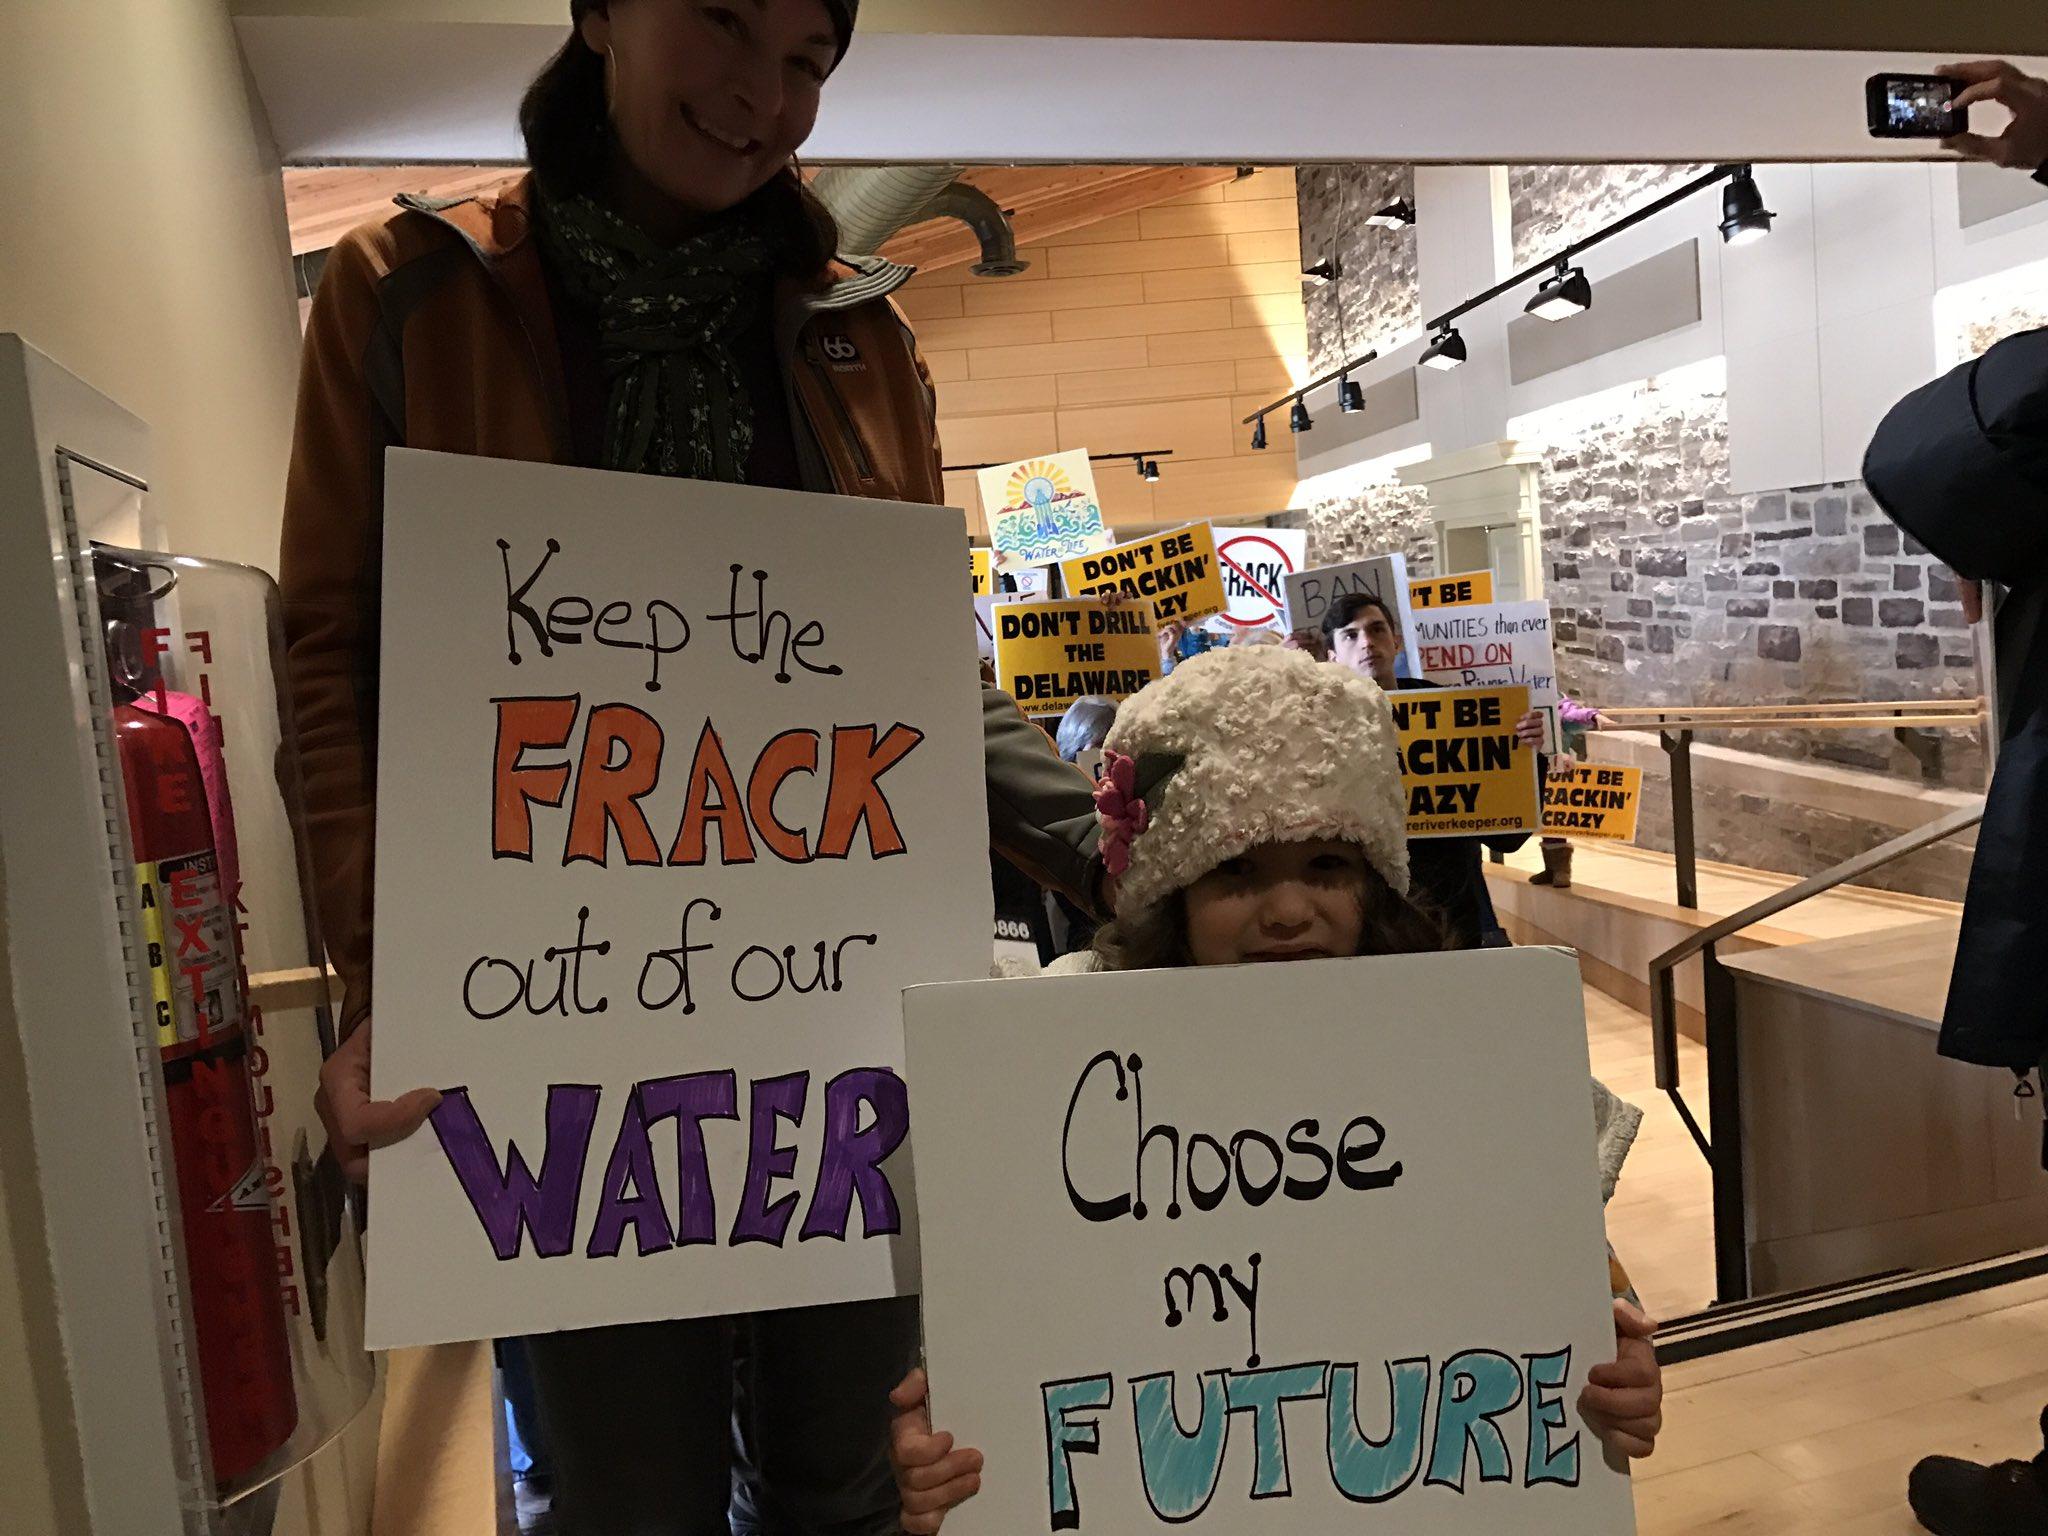 Mom Michelle Obermeierand daughter Sonja Obermeier-Walker, 4, demand @drbc1961 #frack ban with @DelRiverkeeper #banfracking https://t.co/62KzHfx8aY